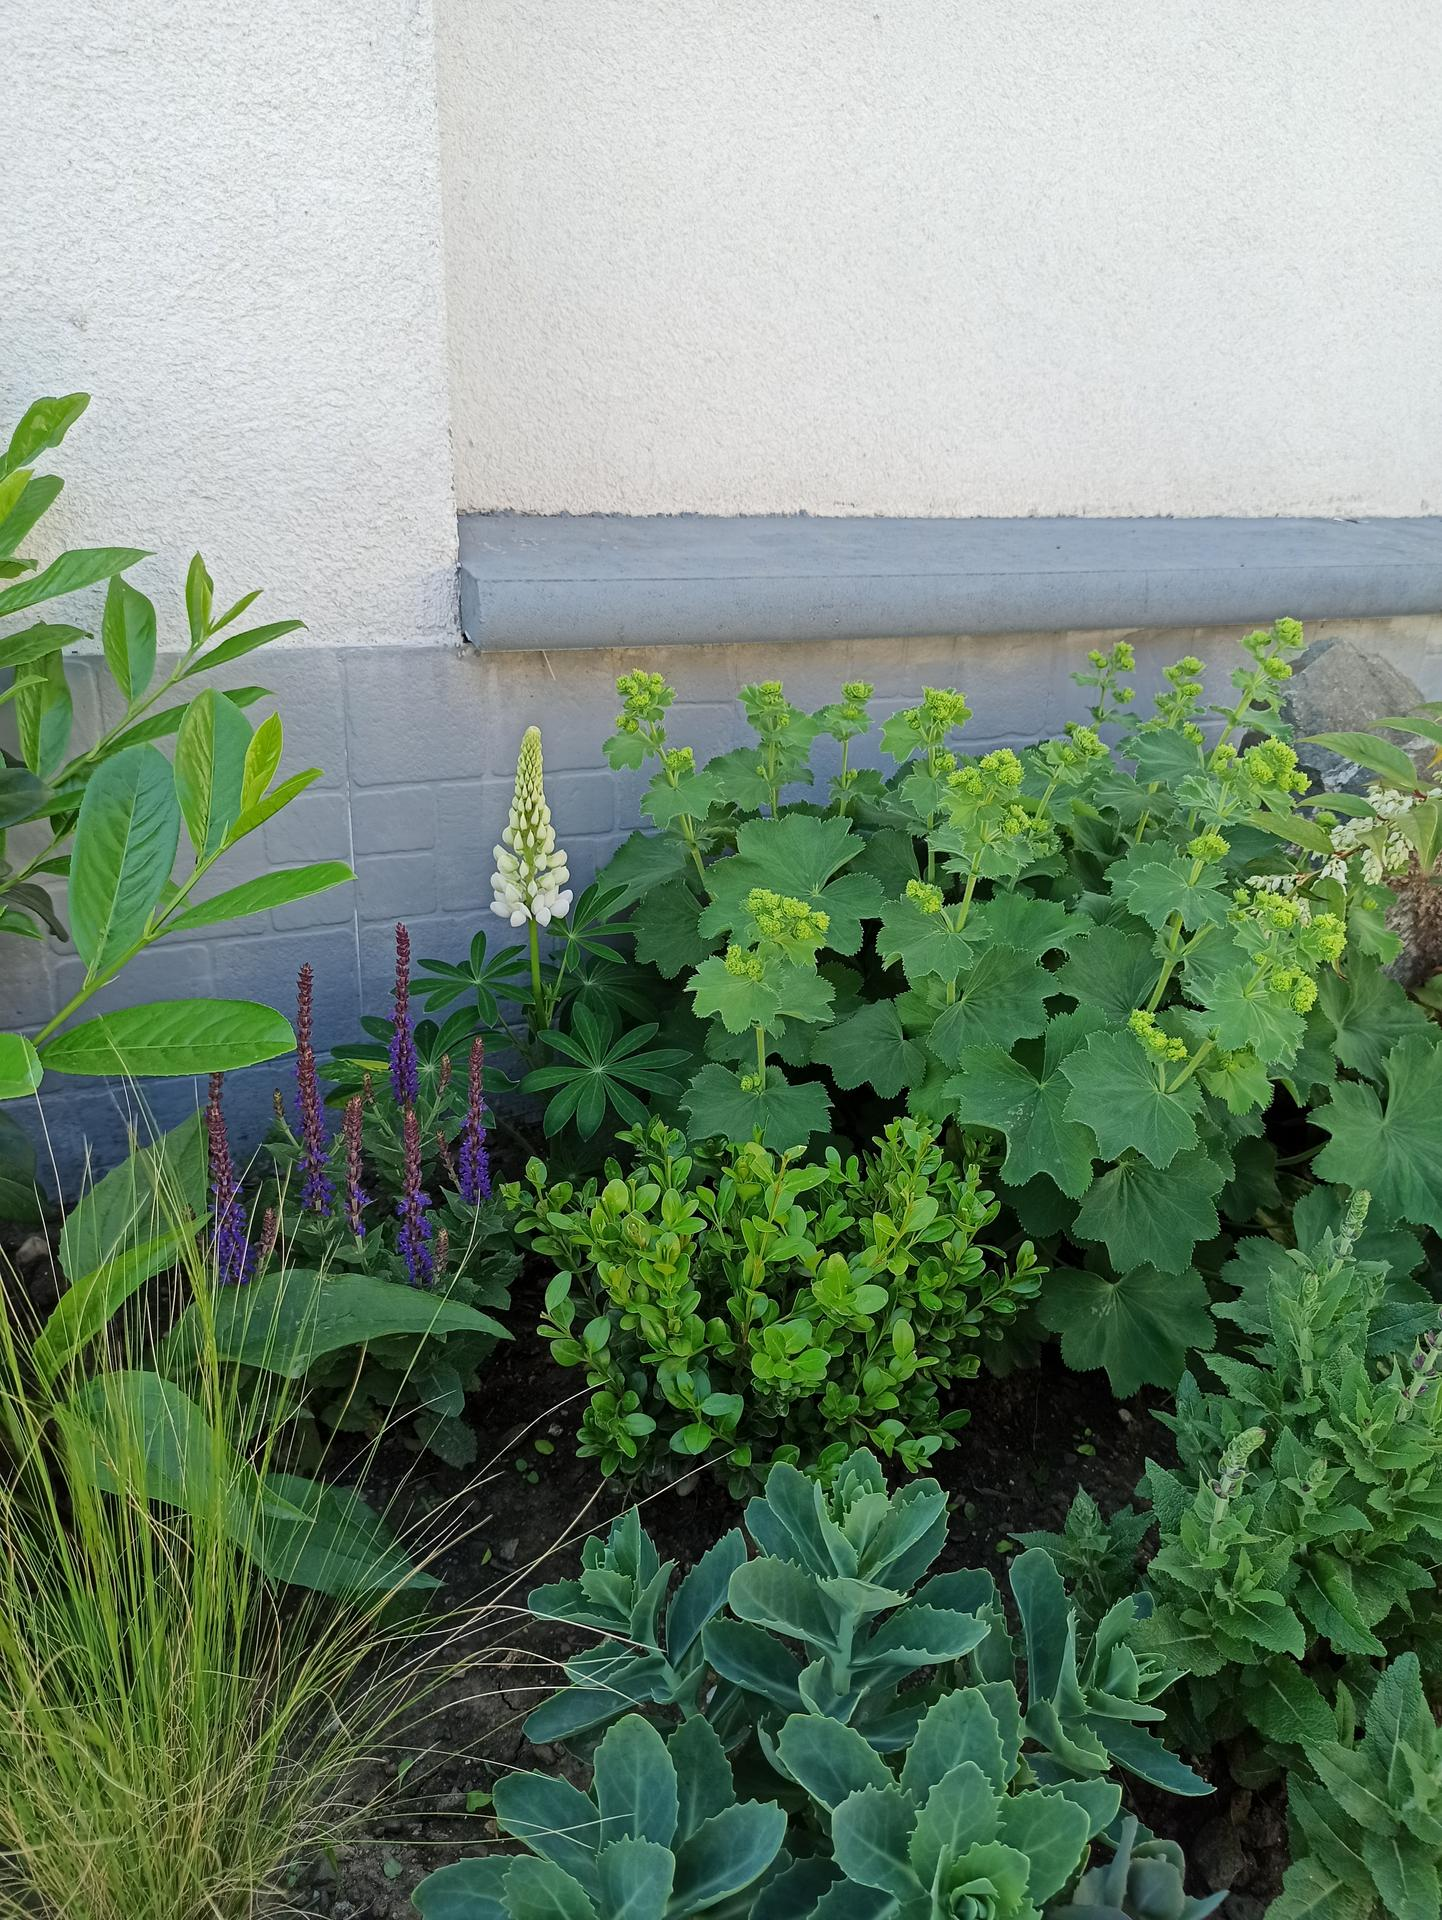 Dobrý den, ahoj :) všimla jsem si, že vám na druhý rok znovu vyrostly lupiny, jedná se o vysemeněná miminka? Myslím, že jsem tady v komentářích četla, že nepřezimují, leda právě vysemenením, jenže já jsem chronický okopávač, hlavně zjara po zimě a po deštích často okopávám, aby mi rostliny neuhnily a tak si asi tyhle vysemeněná miminka likviduju :/ nebo je naděje na přezimování mateřské rostliny? Moc děkuji za nějakou reakci od další milovnice Lupin :) (na foto Lupina, buxus, kontryhel, kousek bobkovisne novita, kavyl, rozchodník, echinacea, šalvěj) - Obrázek č. 1